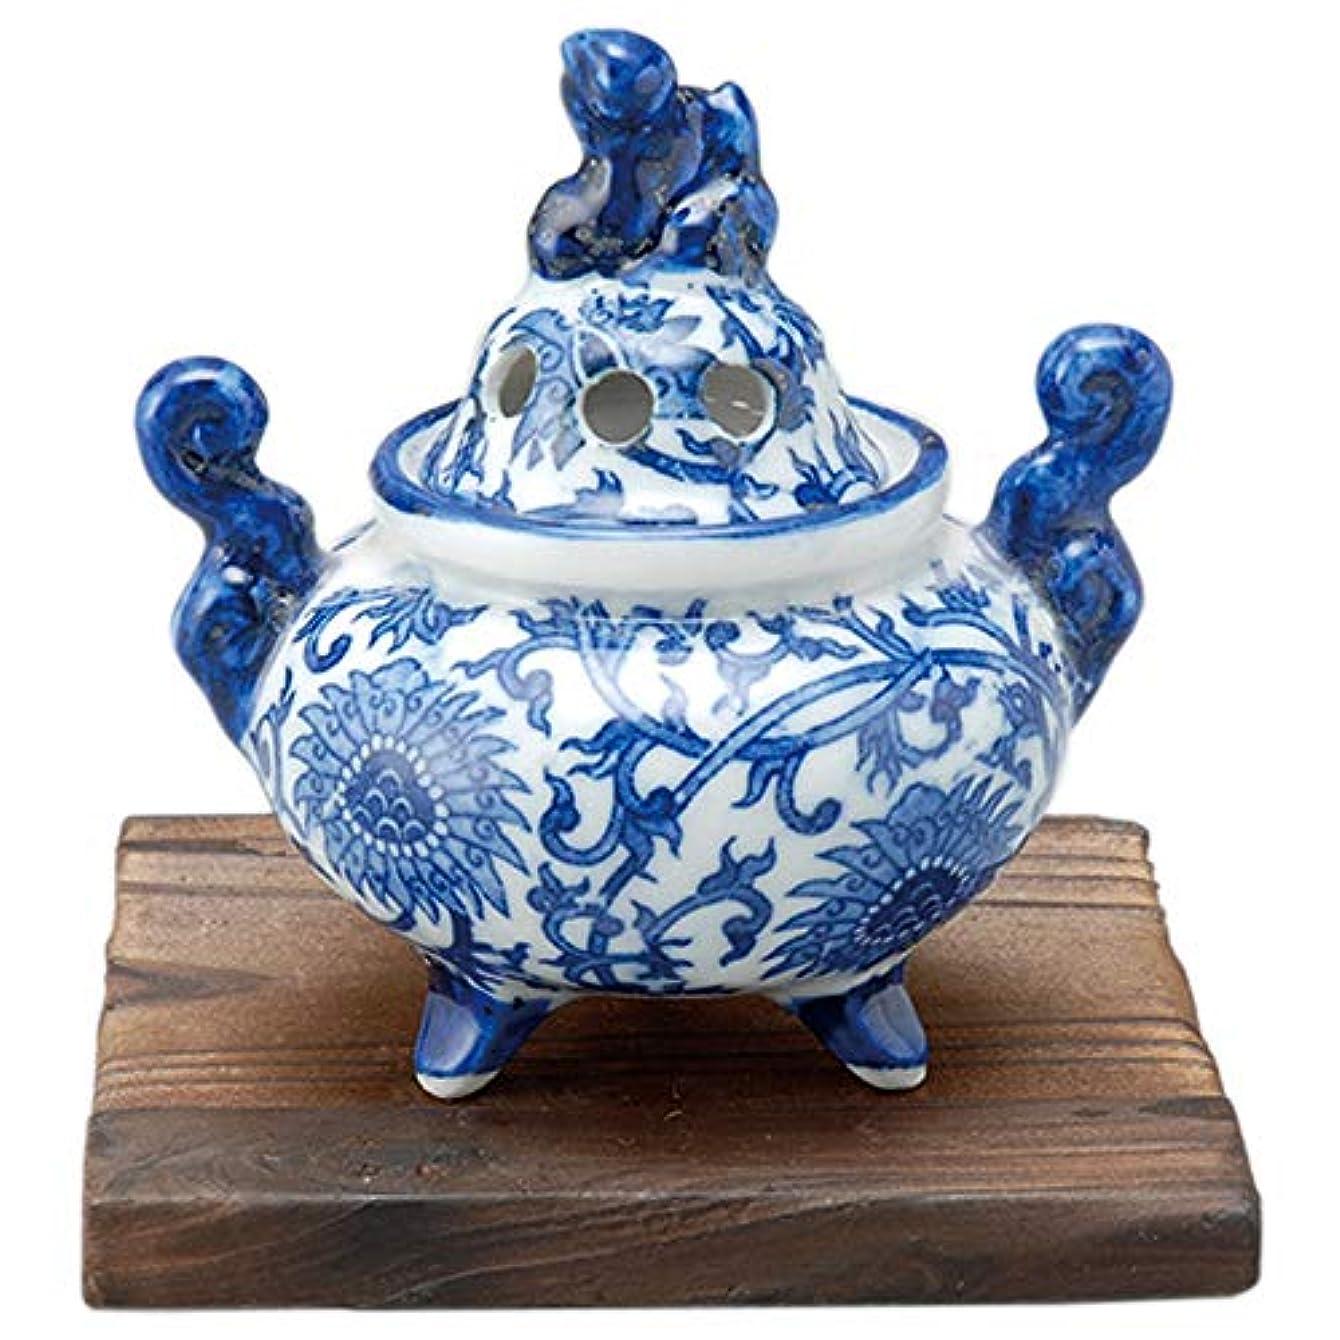 香炉 ルリ獅子 香炉(小) [8.5x6.5xH10cm] プレゼント ギフト 和食器 かわいい インテリア